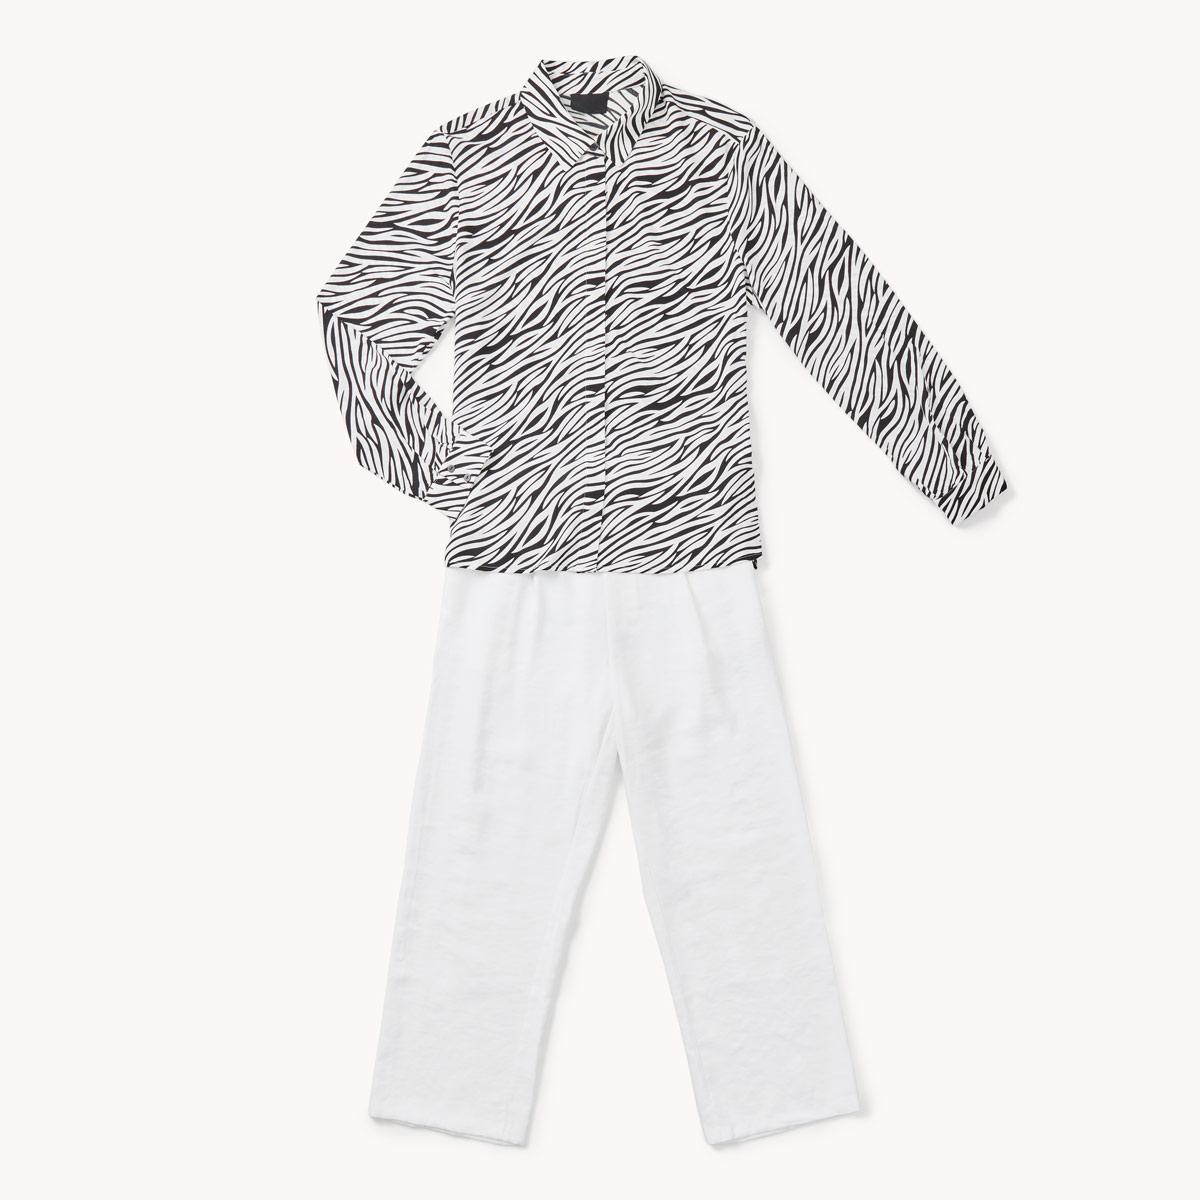 zebrure et pantalon claire tendances printemps ete 2020